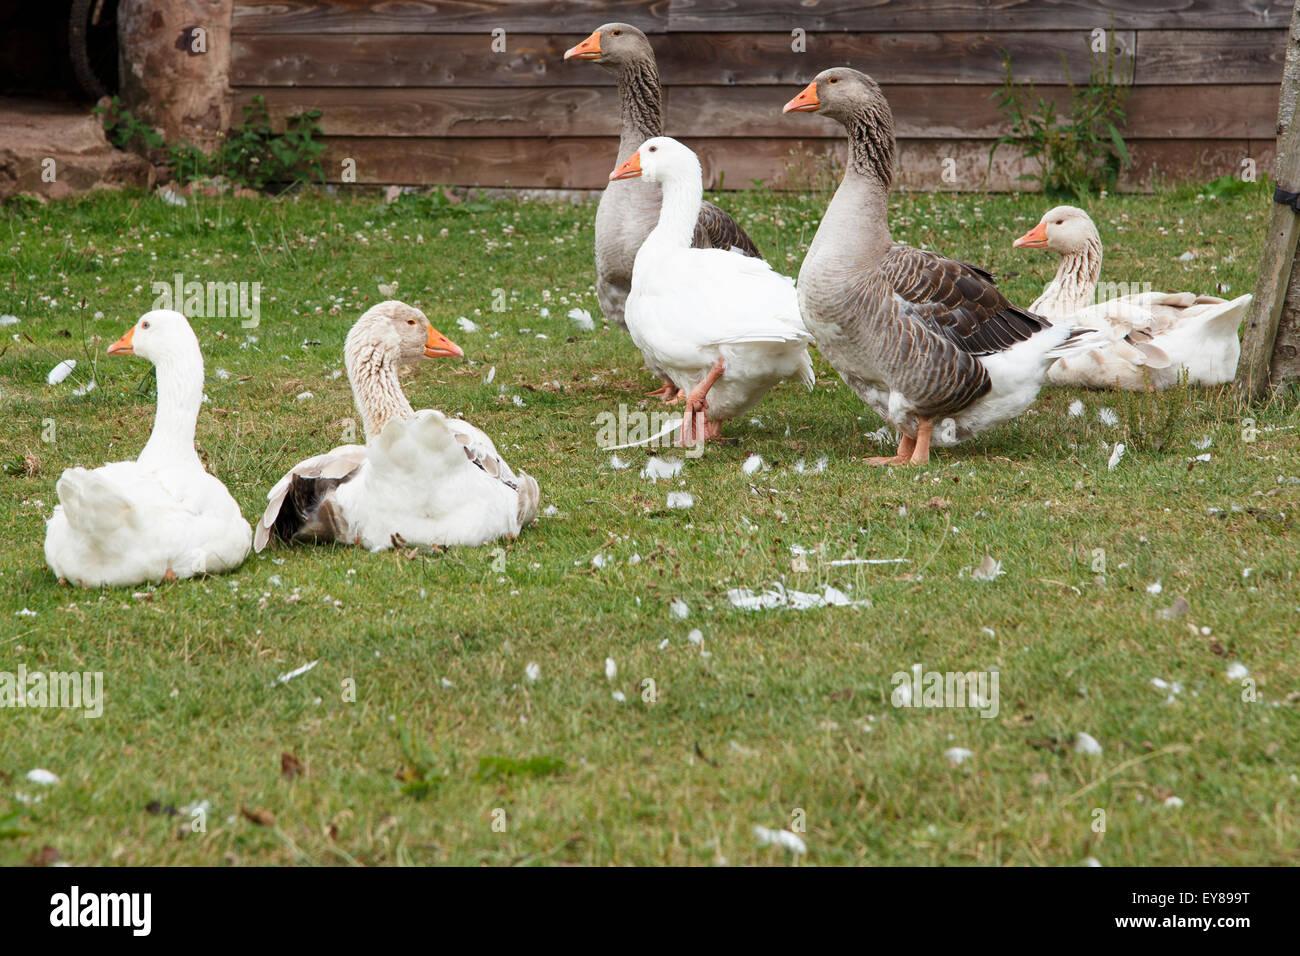 Pilgrim geese in farmyard - Stock Image